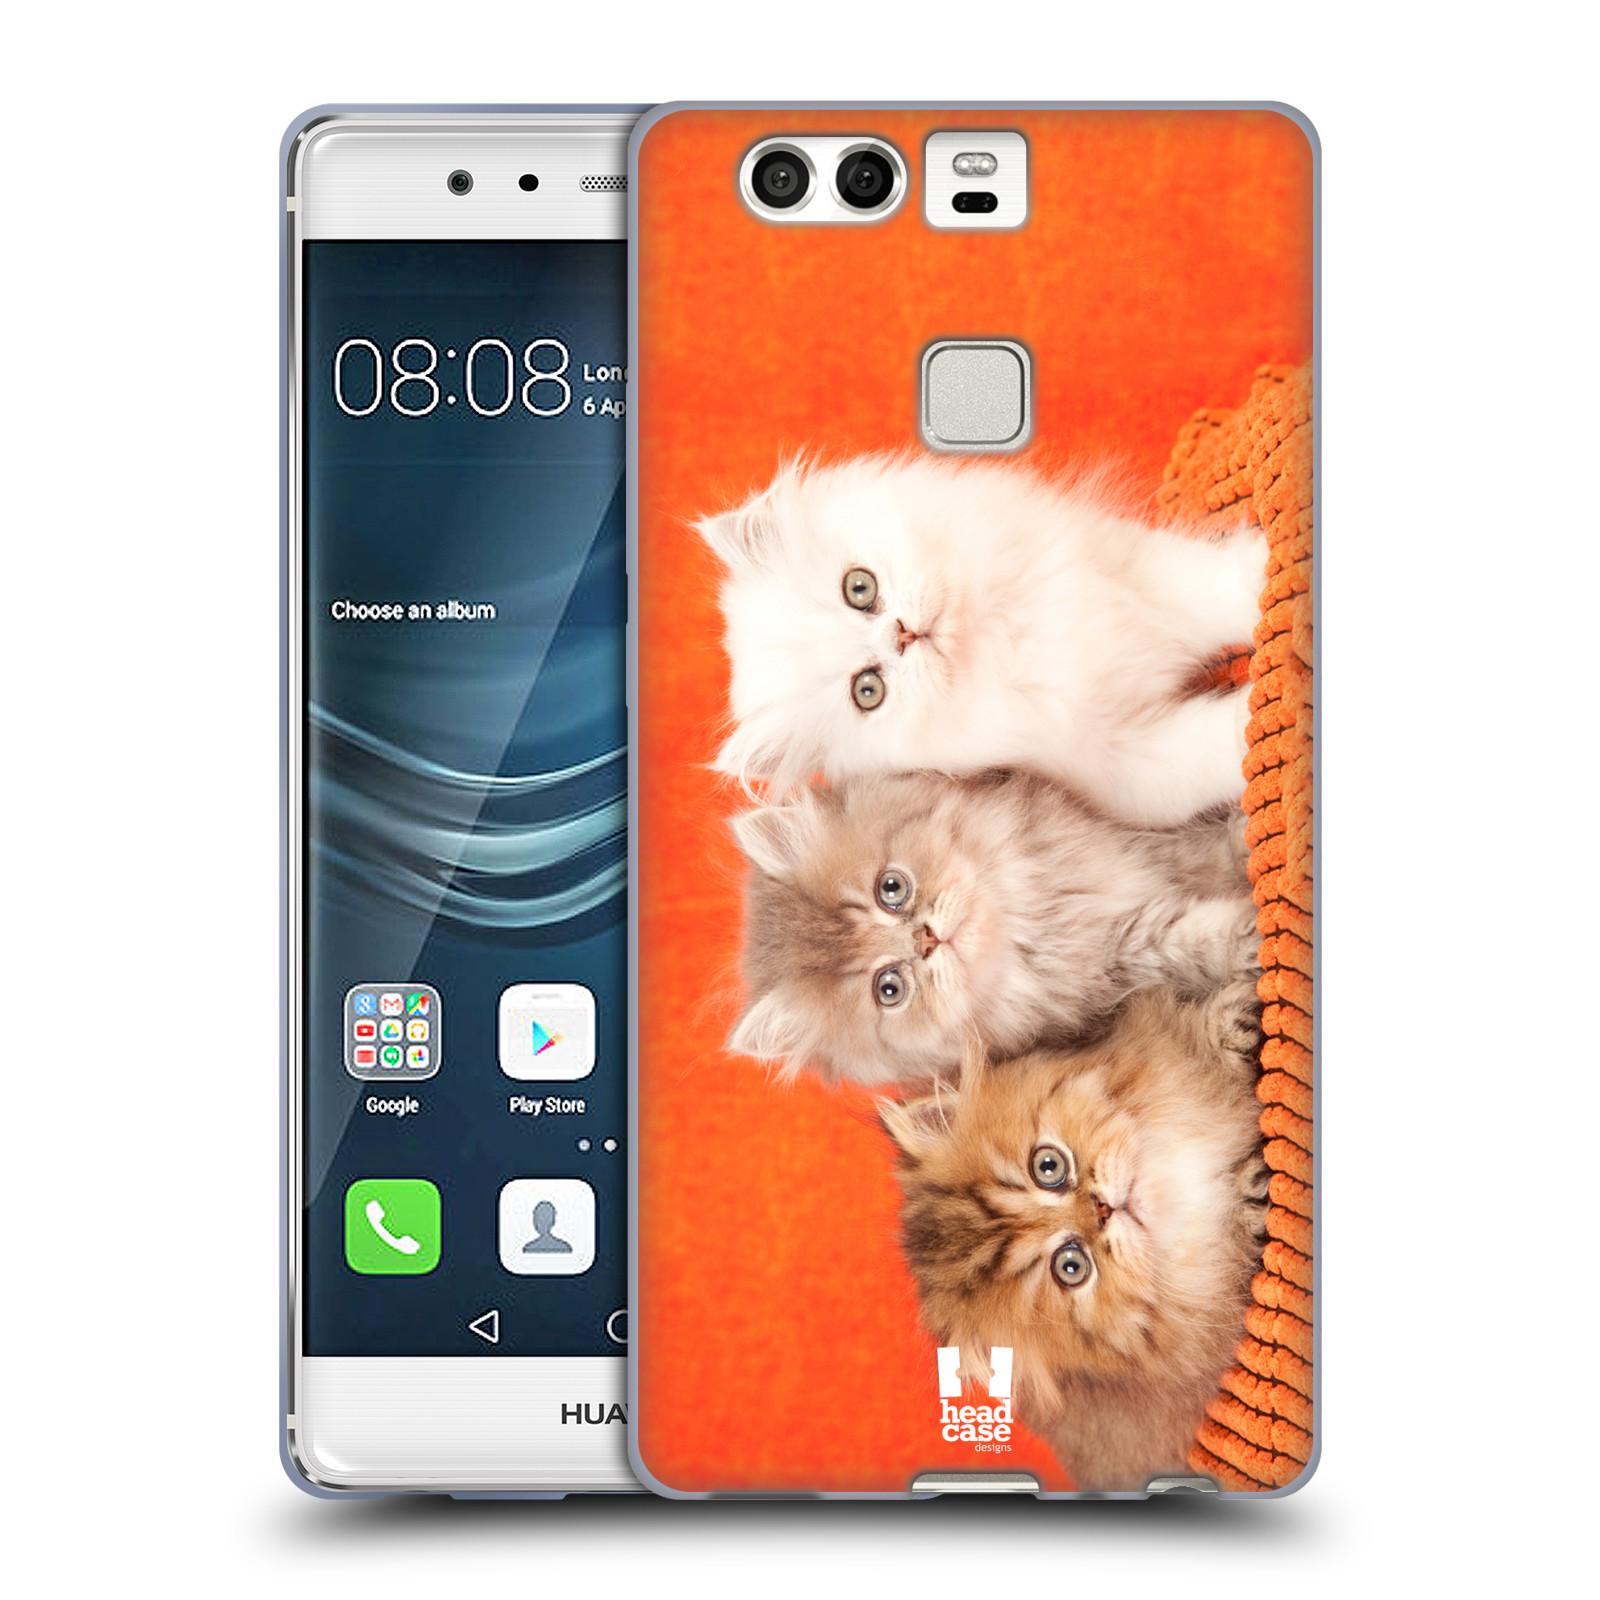 HEAD CASE silikonový obal na mobil Huawei P9 / P9 DUAL SIM vzor Kočičky koťata foto 3 kočky